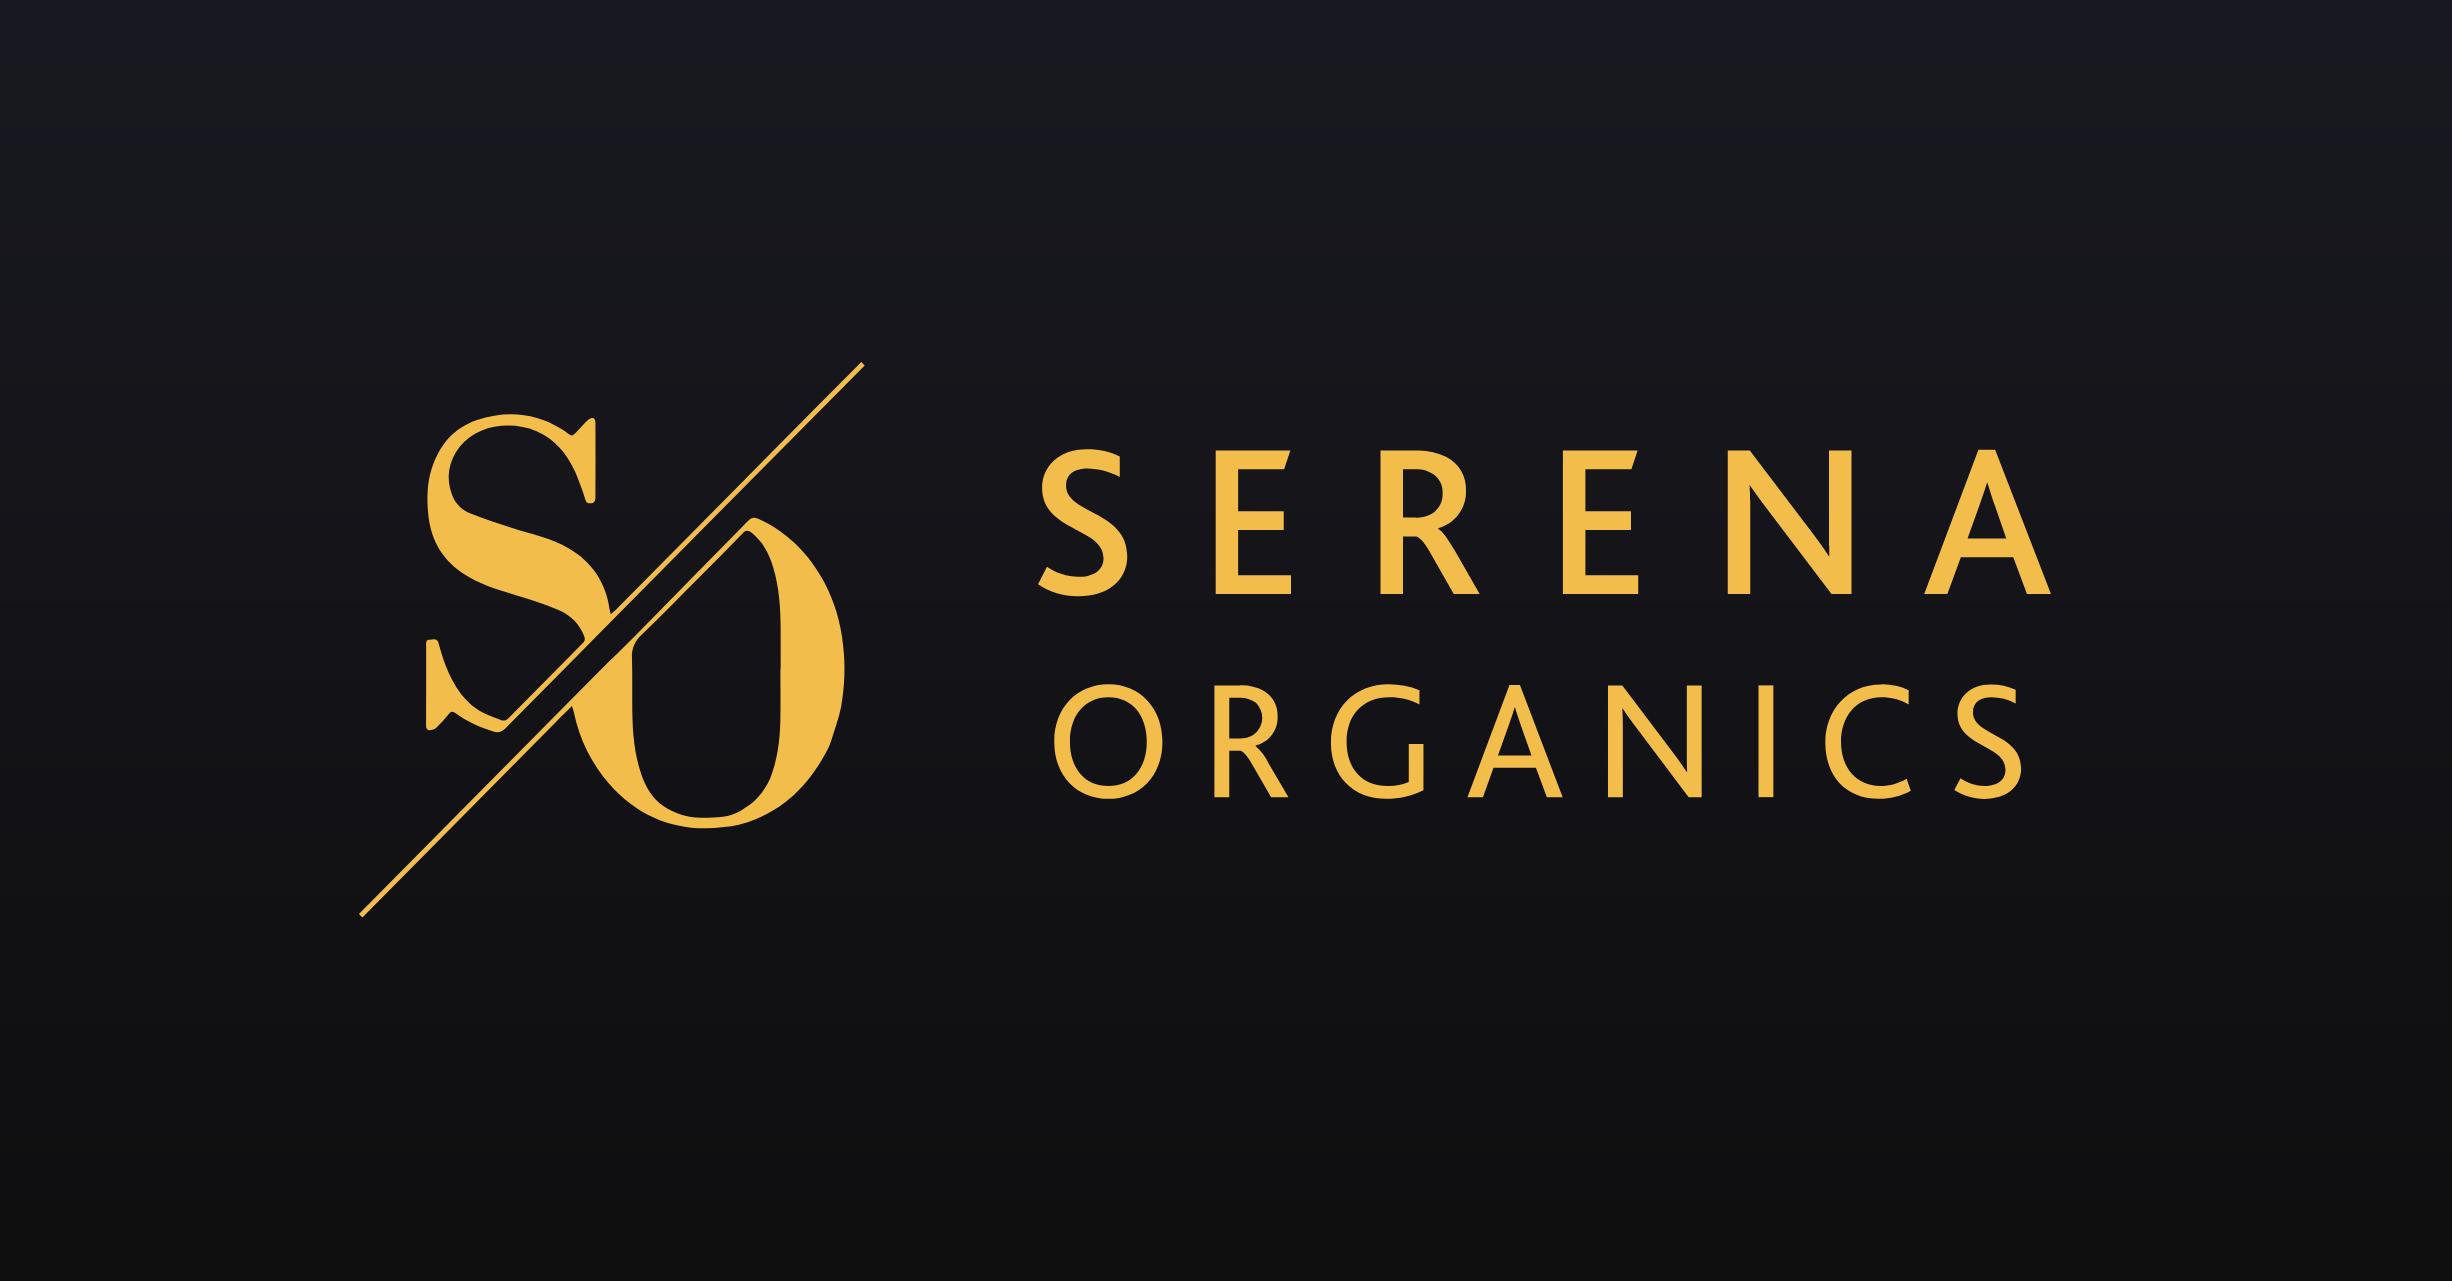 Serena Organics